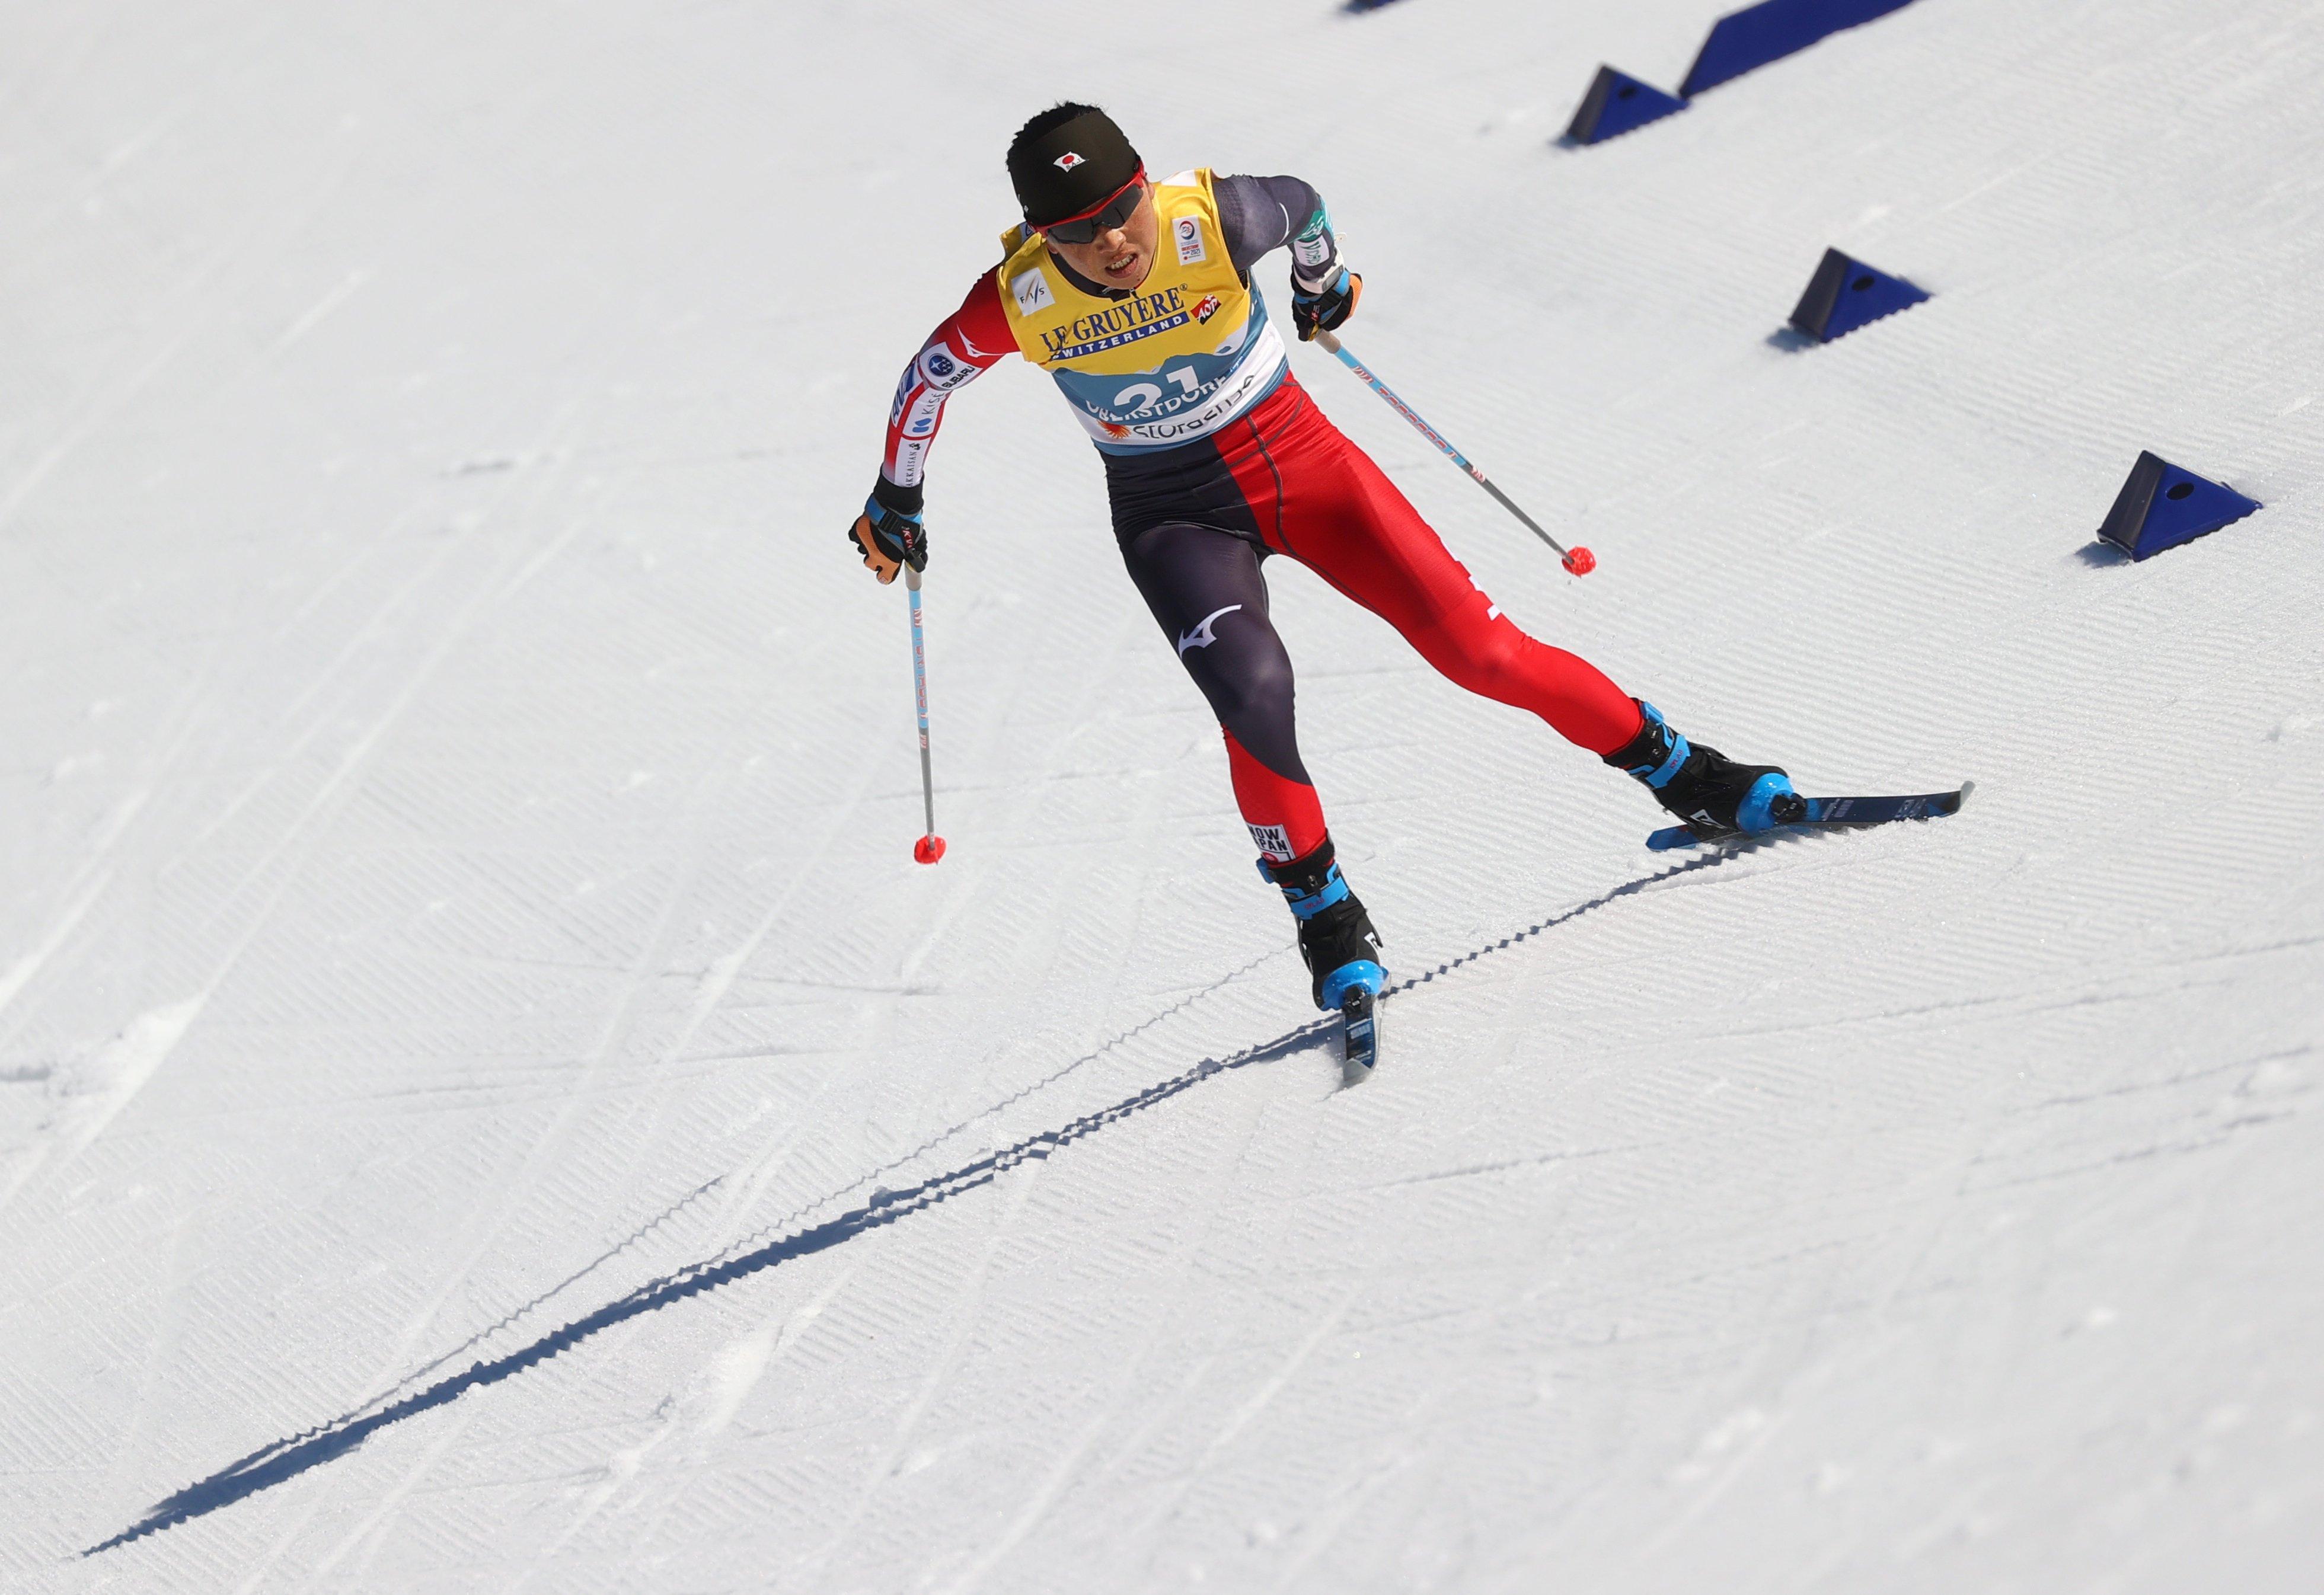 石田はノルディックスキー世界選手権で4種目に出場。最高位は女子団体リレーの10位だった ©REUTERS/AFLO